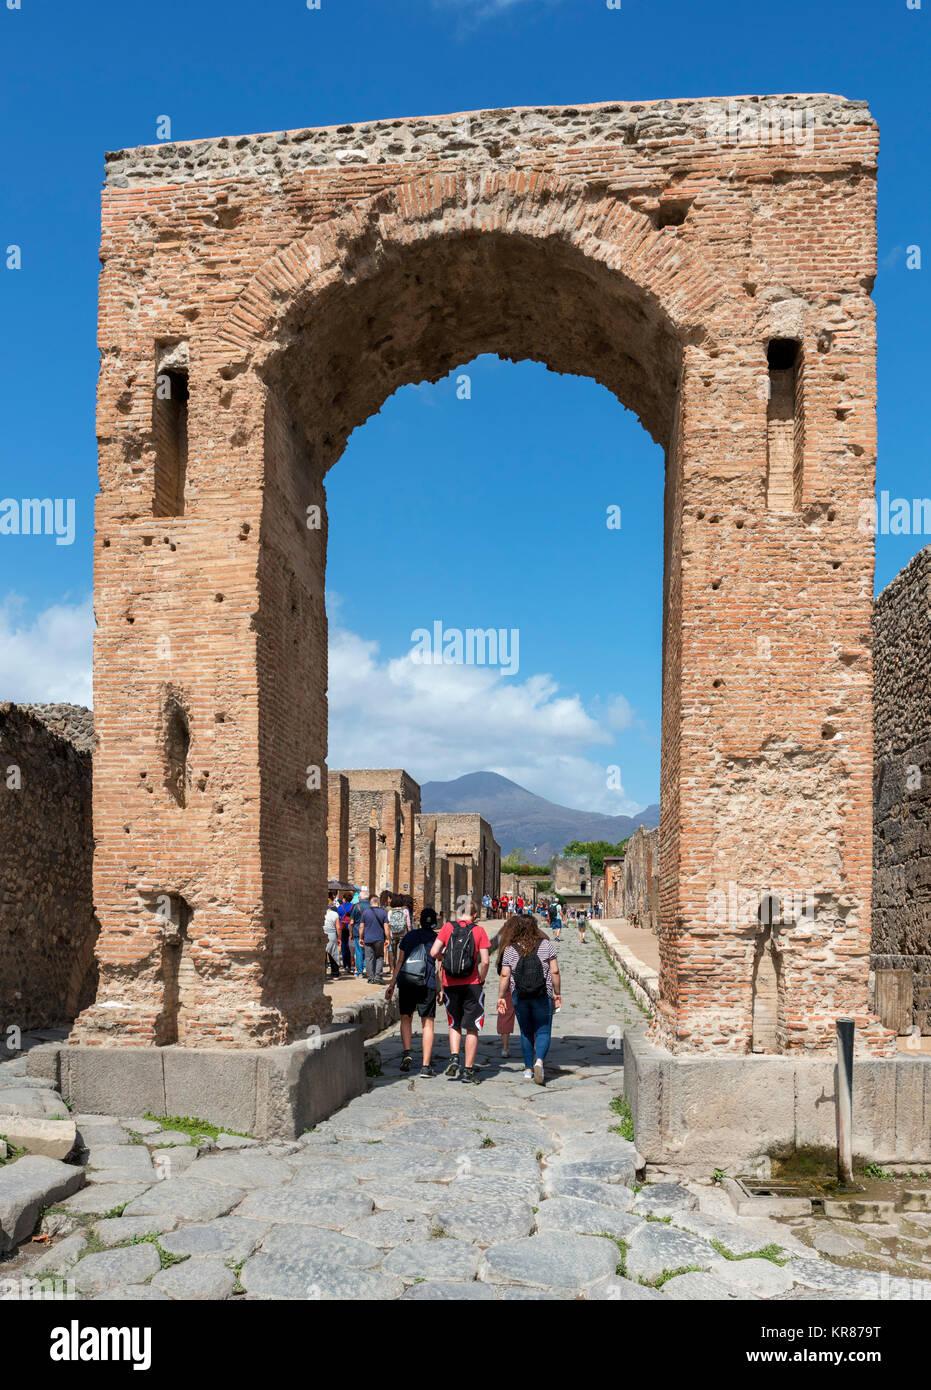 L'arco di Caligola (Arco di Caligola) sulla via di Mercurio in Pompei Pompei ( ) con il Vesuvio sullo sfondo, Immagini Stock